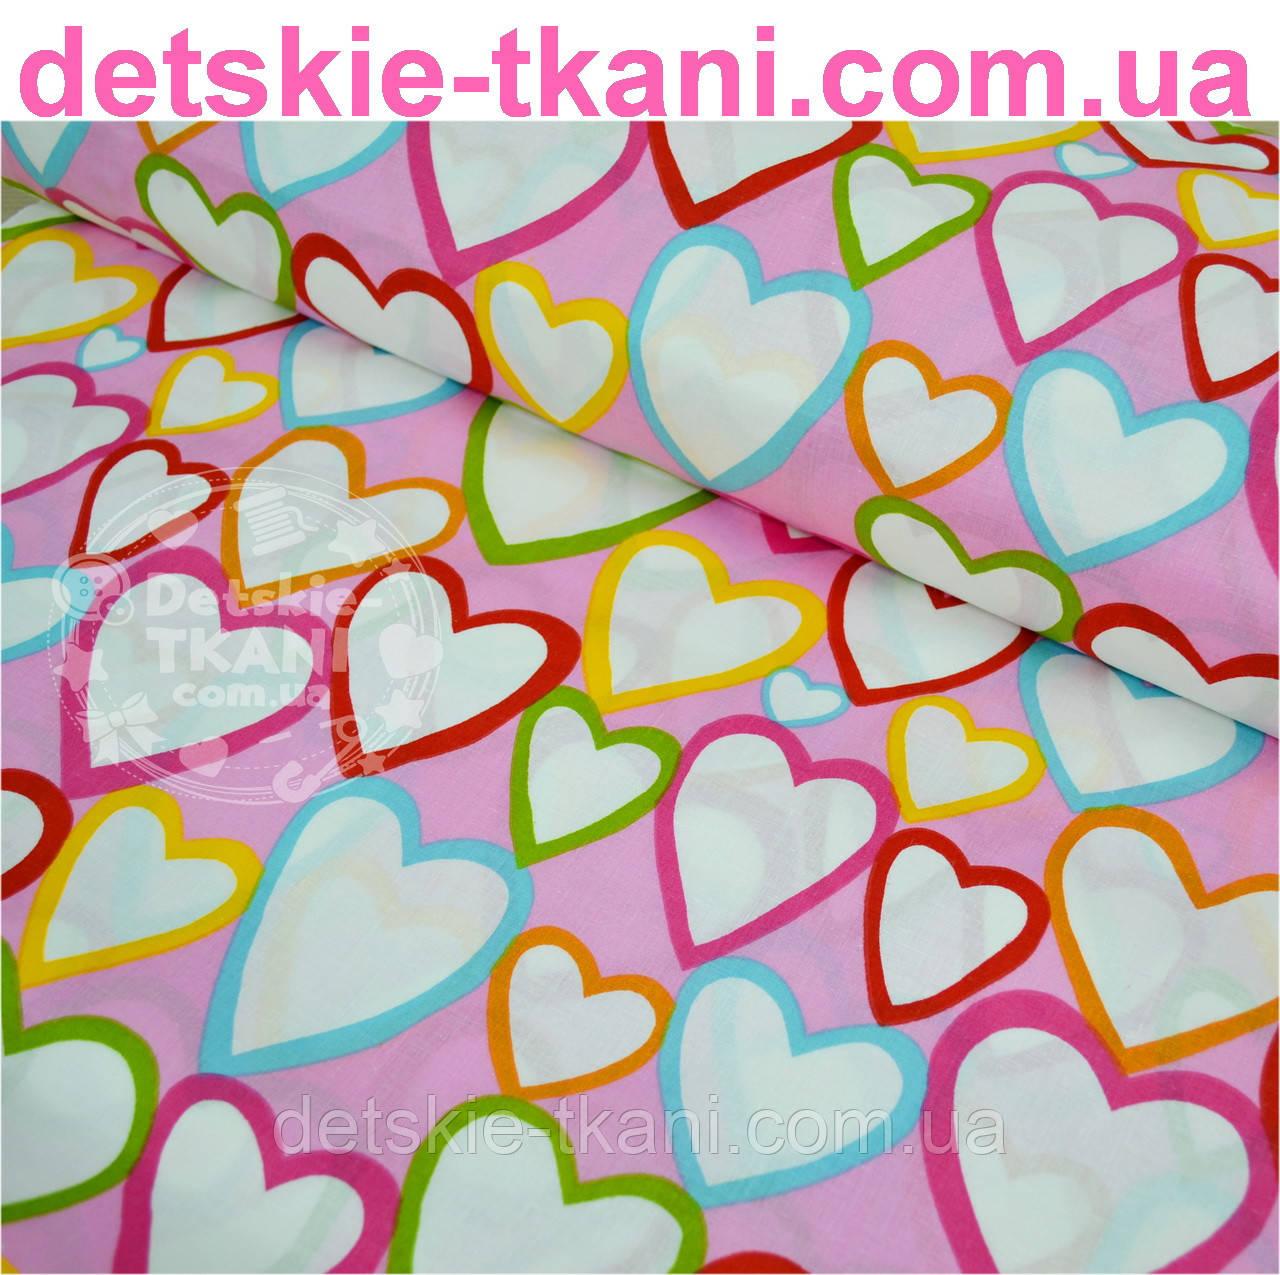 Ткань с разноцветными контурами сердец разной величины на розовом фоне № 497а